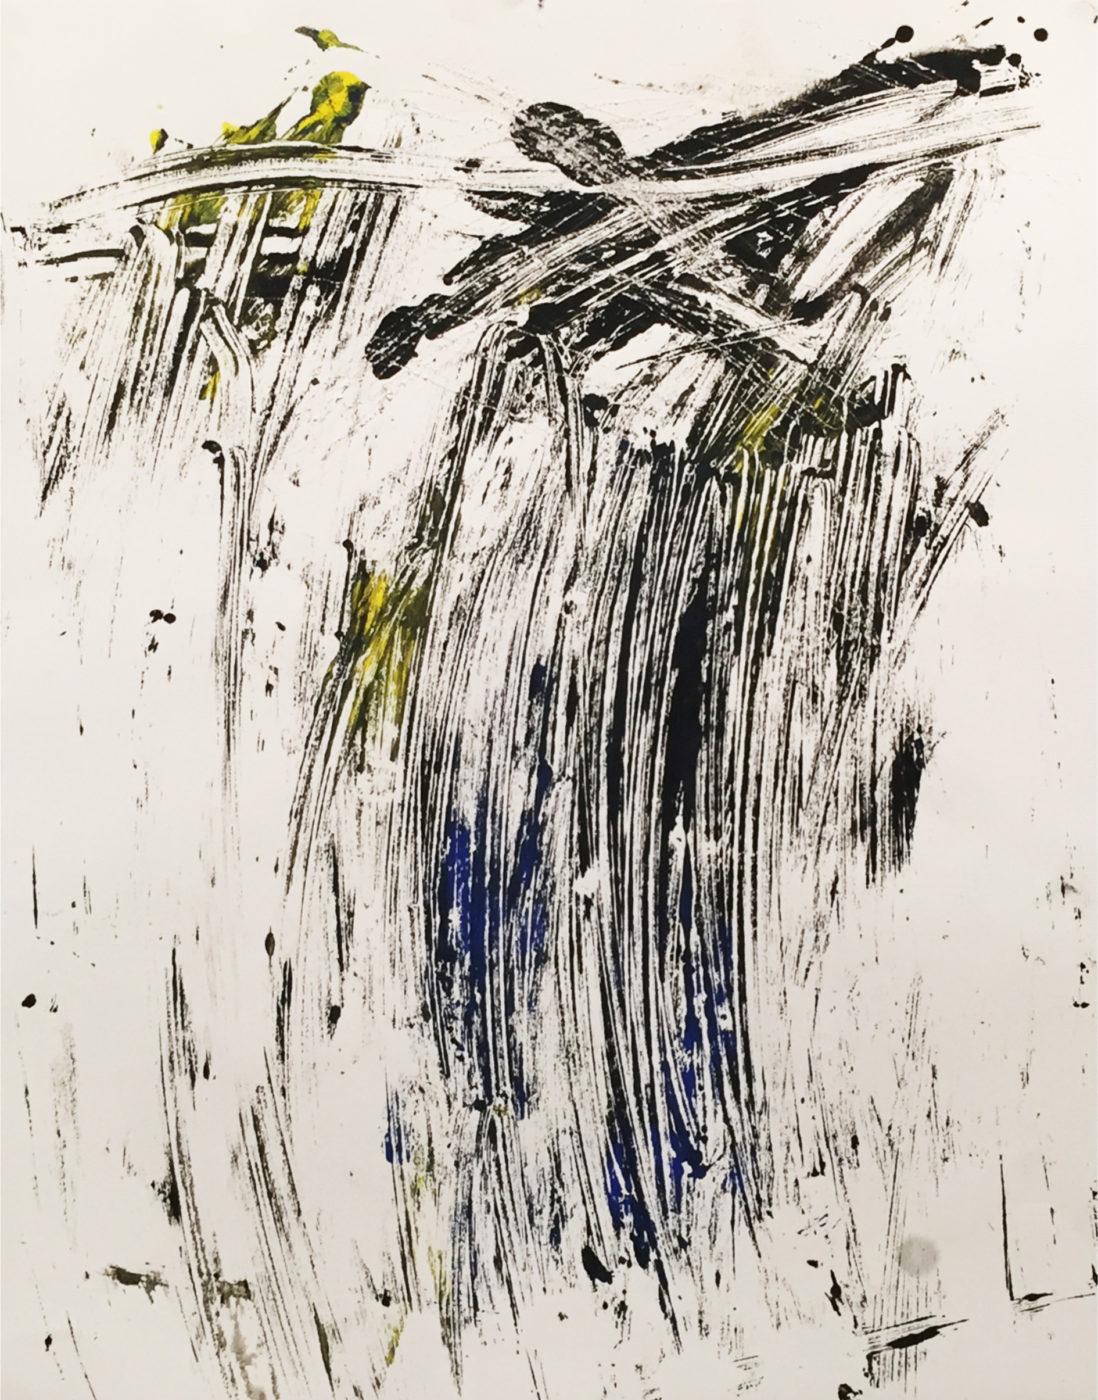 MARC FELD 2016 FISSURES  Acrylique et mine de plomb sur papier 50 x 65 cm